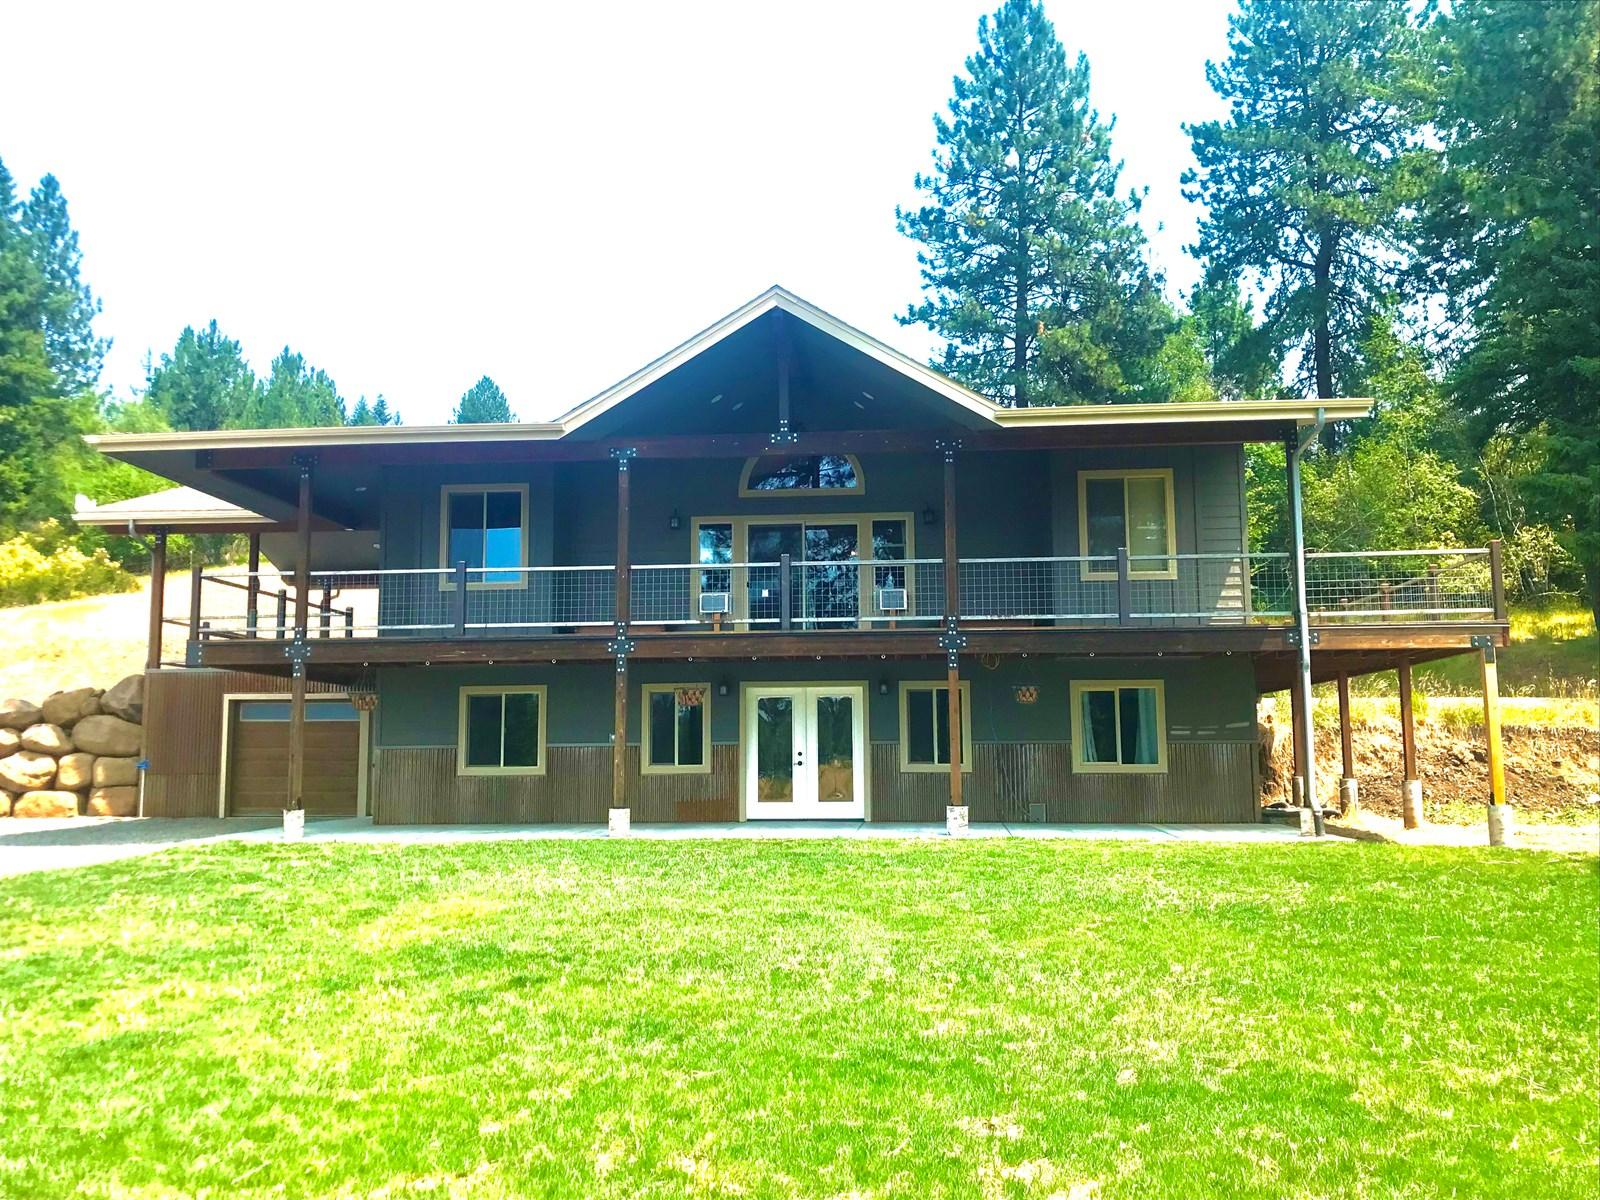 Kooskia, Idaho home for sale